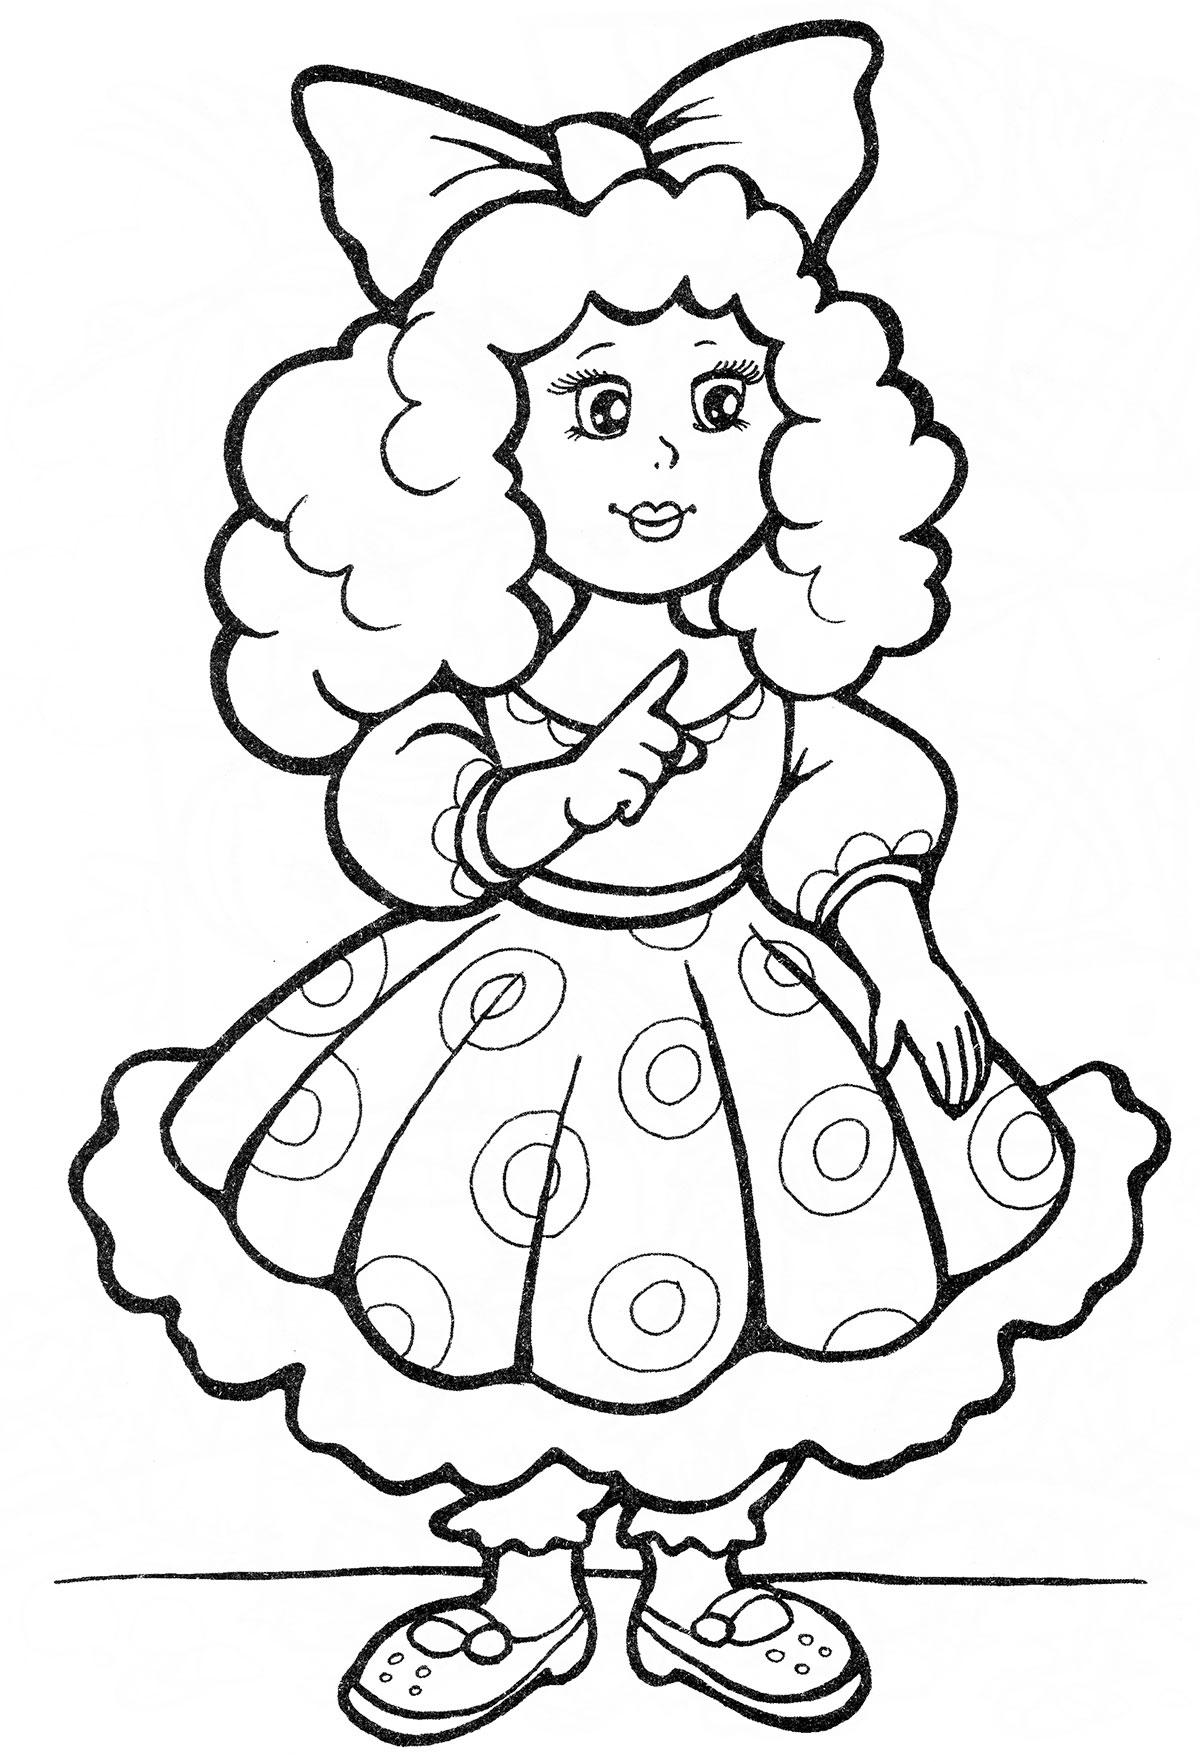 Раскраски для детей 4-5 лет - детские раскраски ...